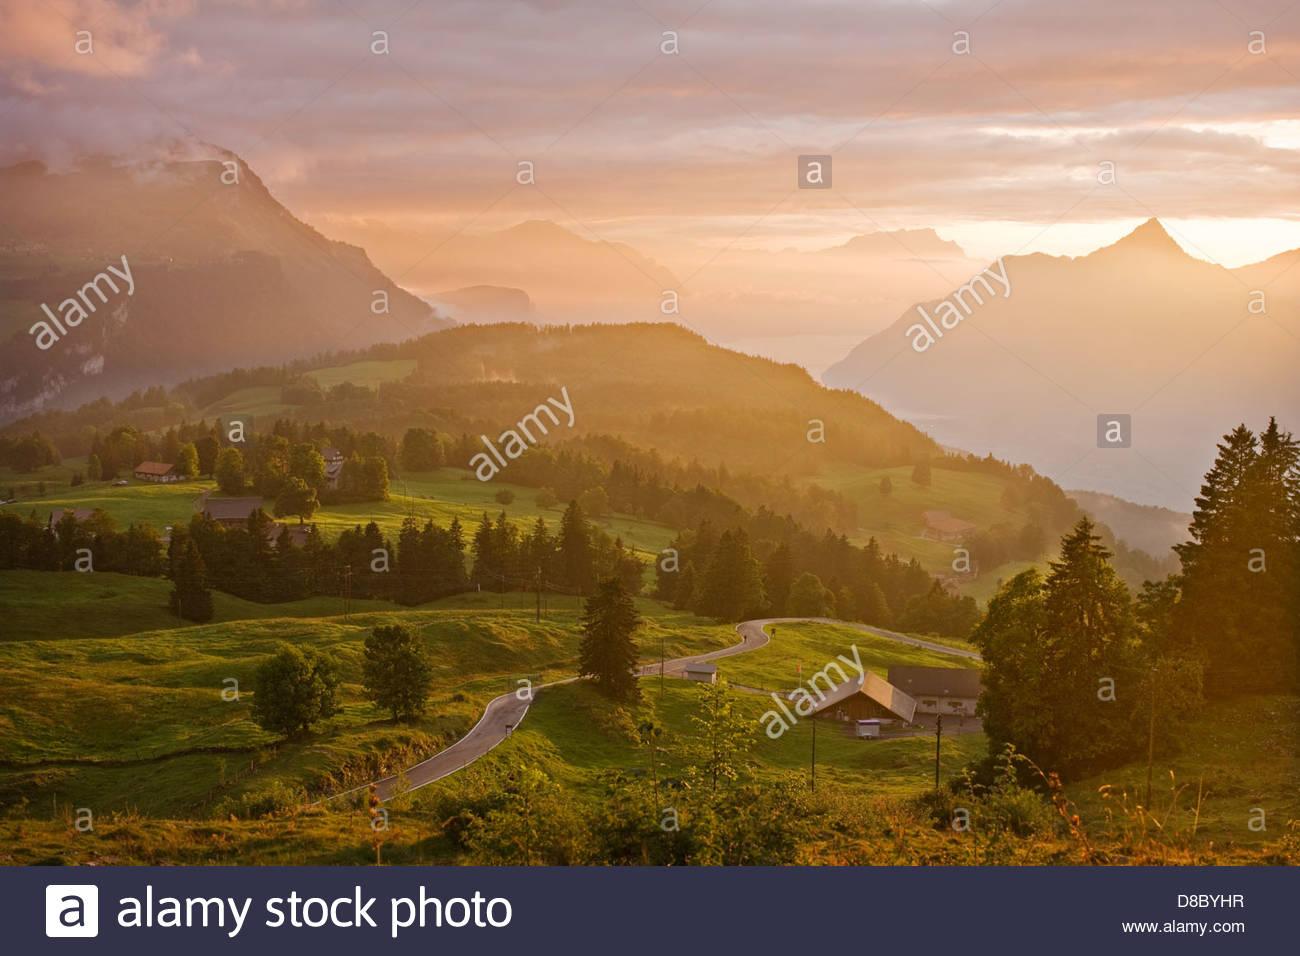 Baum in einem Wald mit einer Bergkette im Hintergrund, Schwyz, Schweiz Stockbild